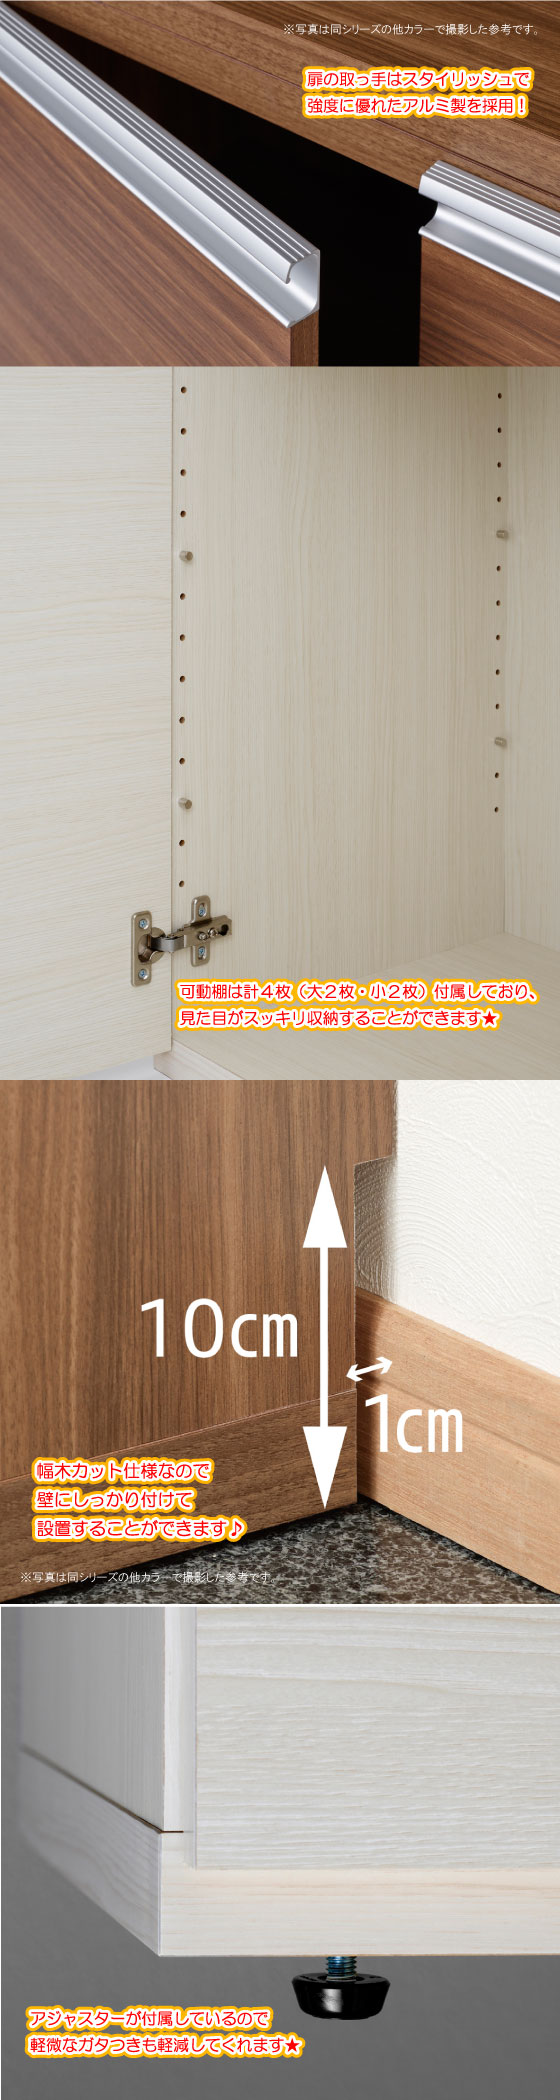 幅90cm×高さ96cm・ホワイトウッド柄キャビネット(完成品)